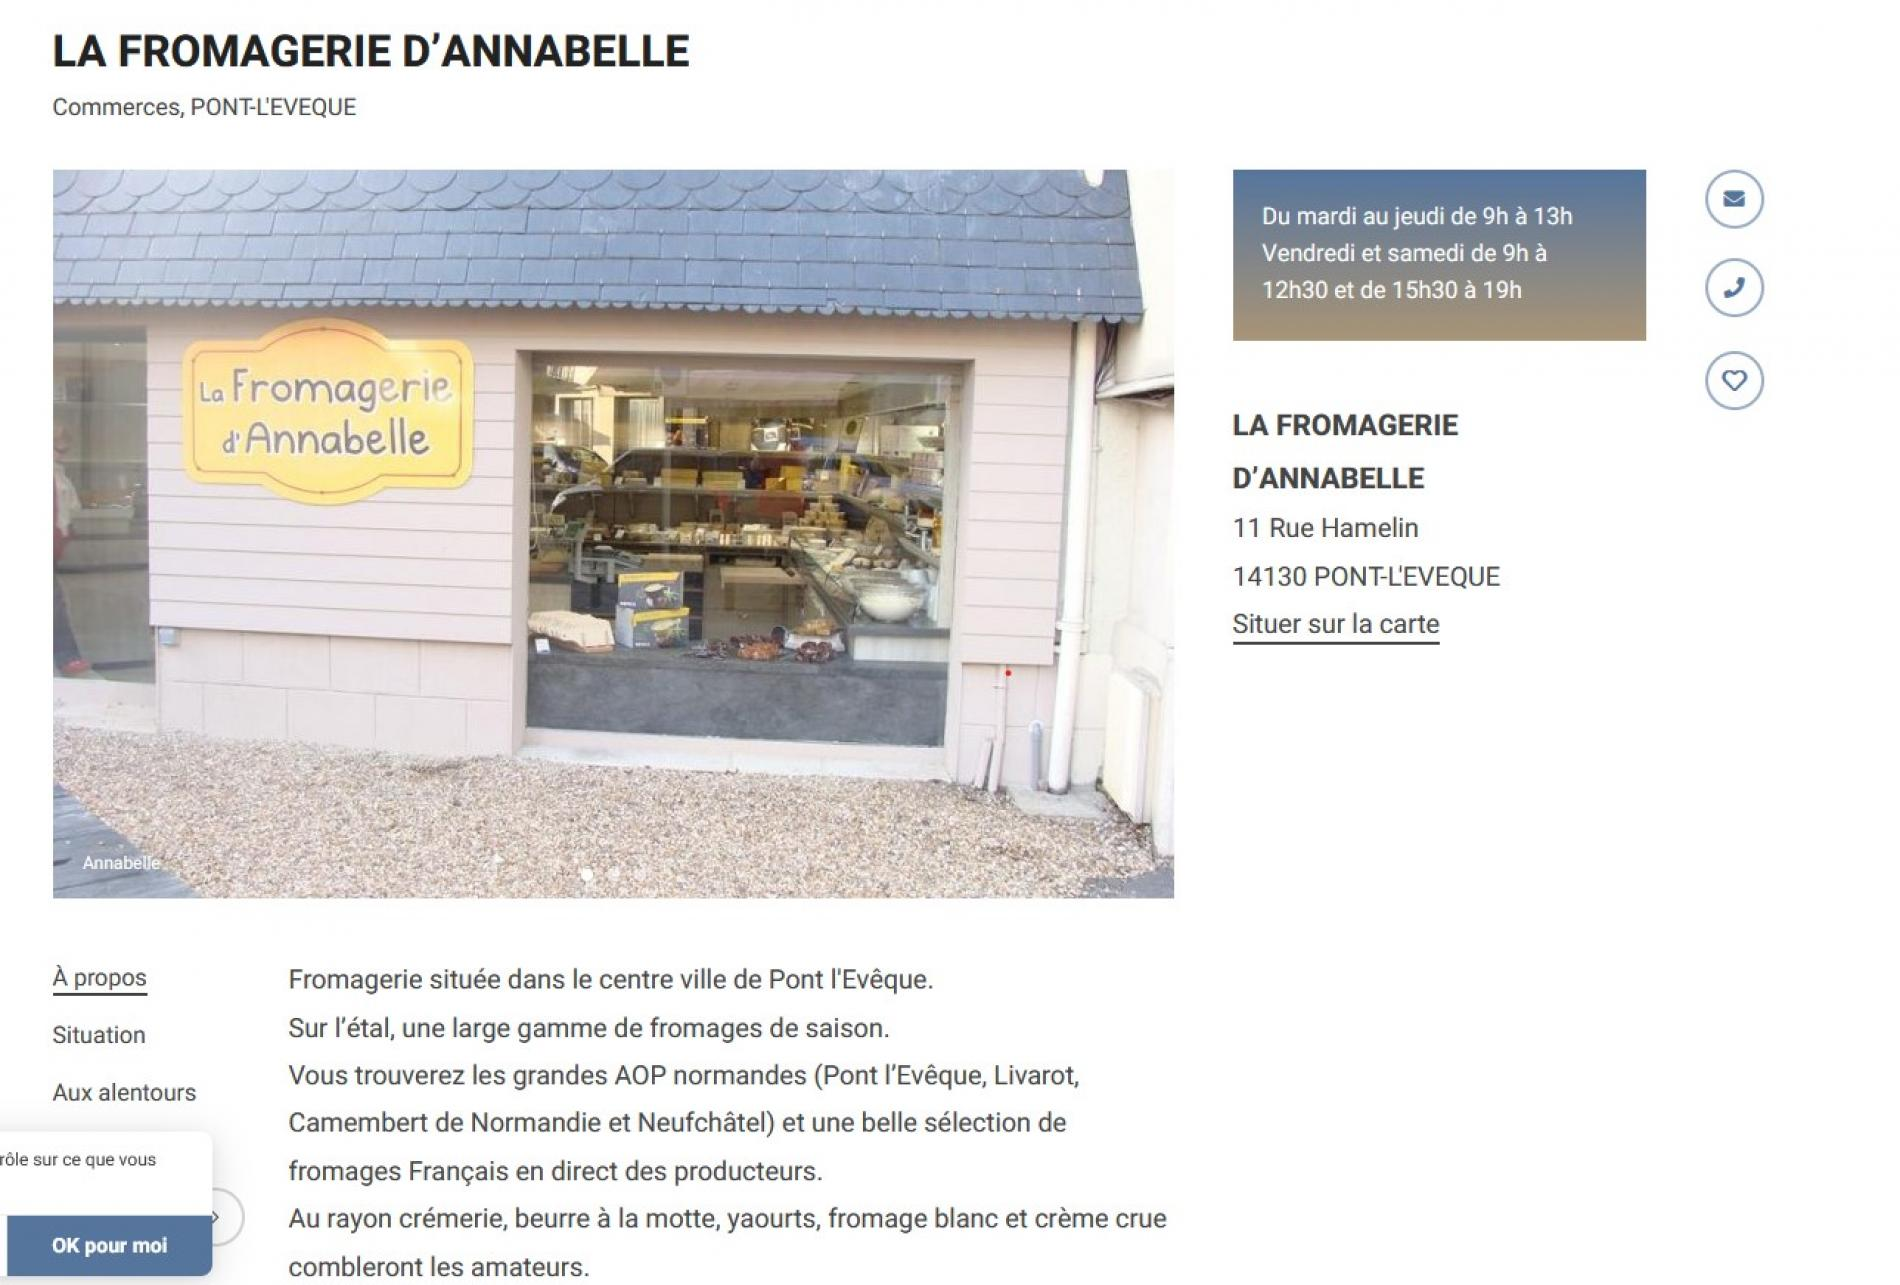 Fromagerie   Annabelle  Pont  l'évéque